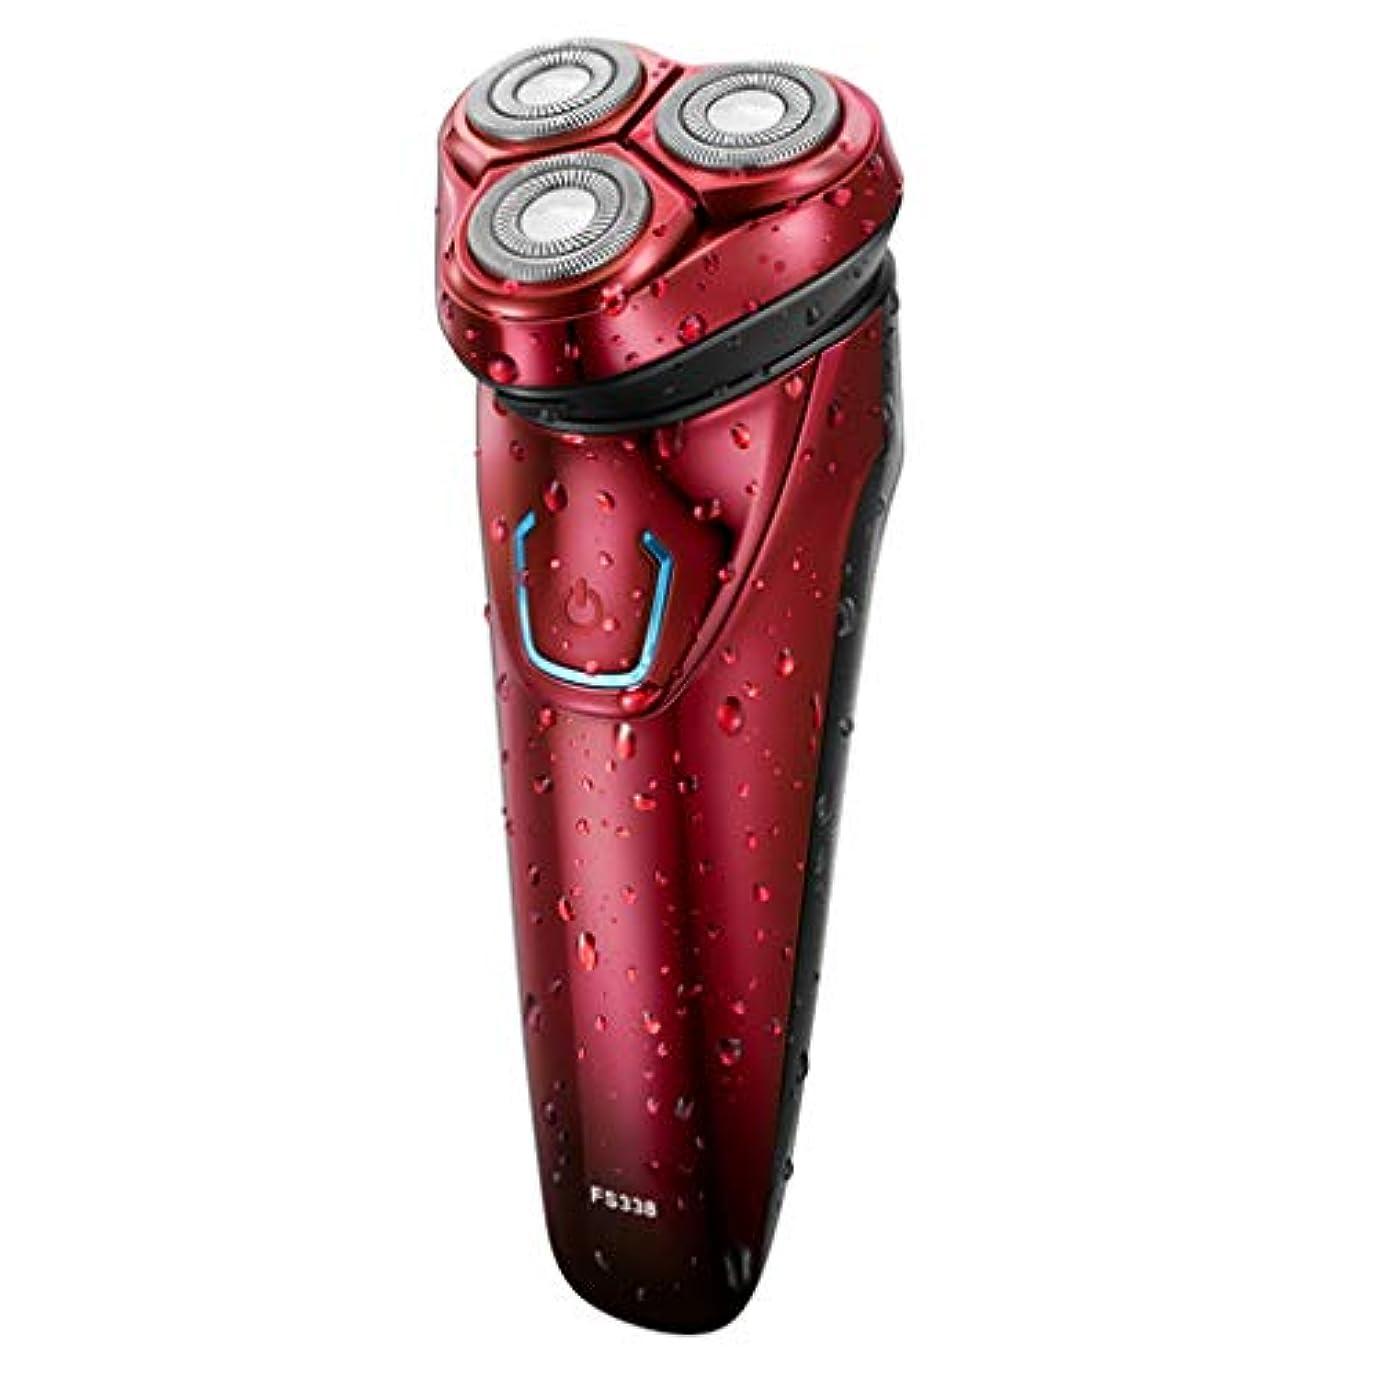 入植者楕円形クラシカルひげそり 電動 メンズシェーバー,USB充電式 髭剃り 電気シェーバー 回転式 髭剃り ひげそりIPX7防水 電気シェーバー 持ち運び便利 お風呂剃り丸洗い可 人気プレゼント